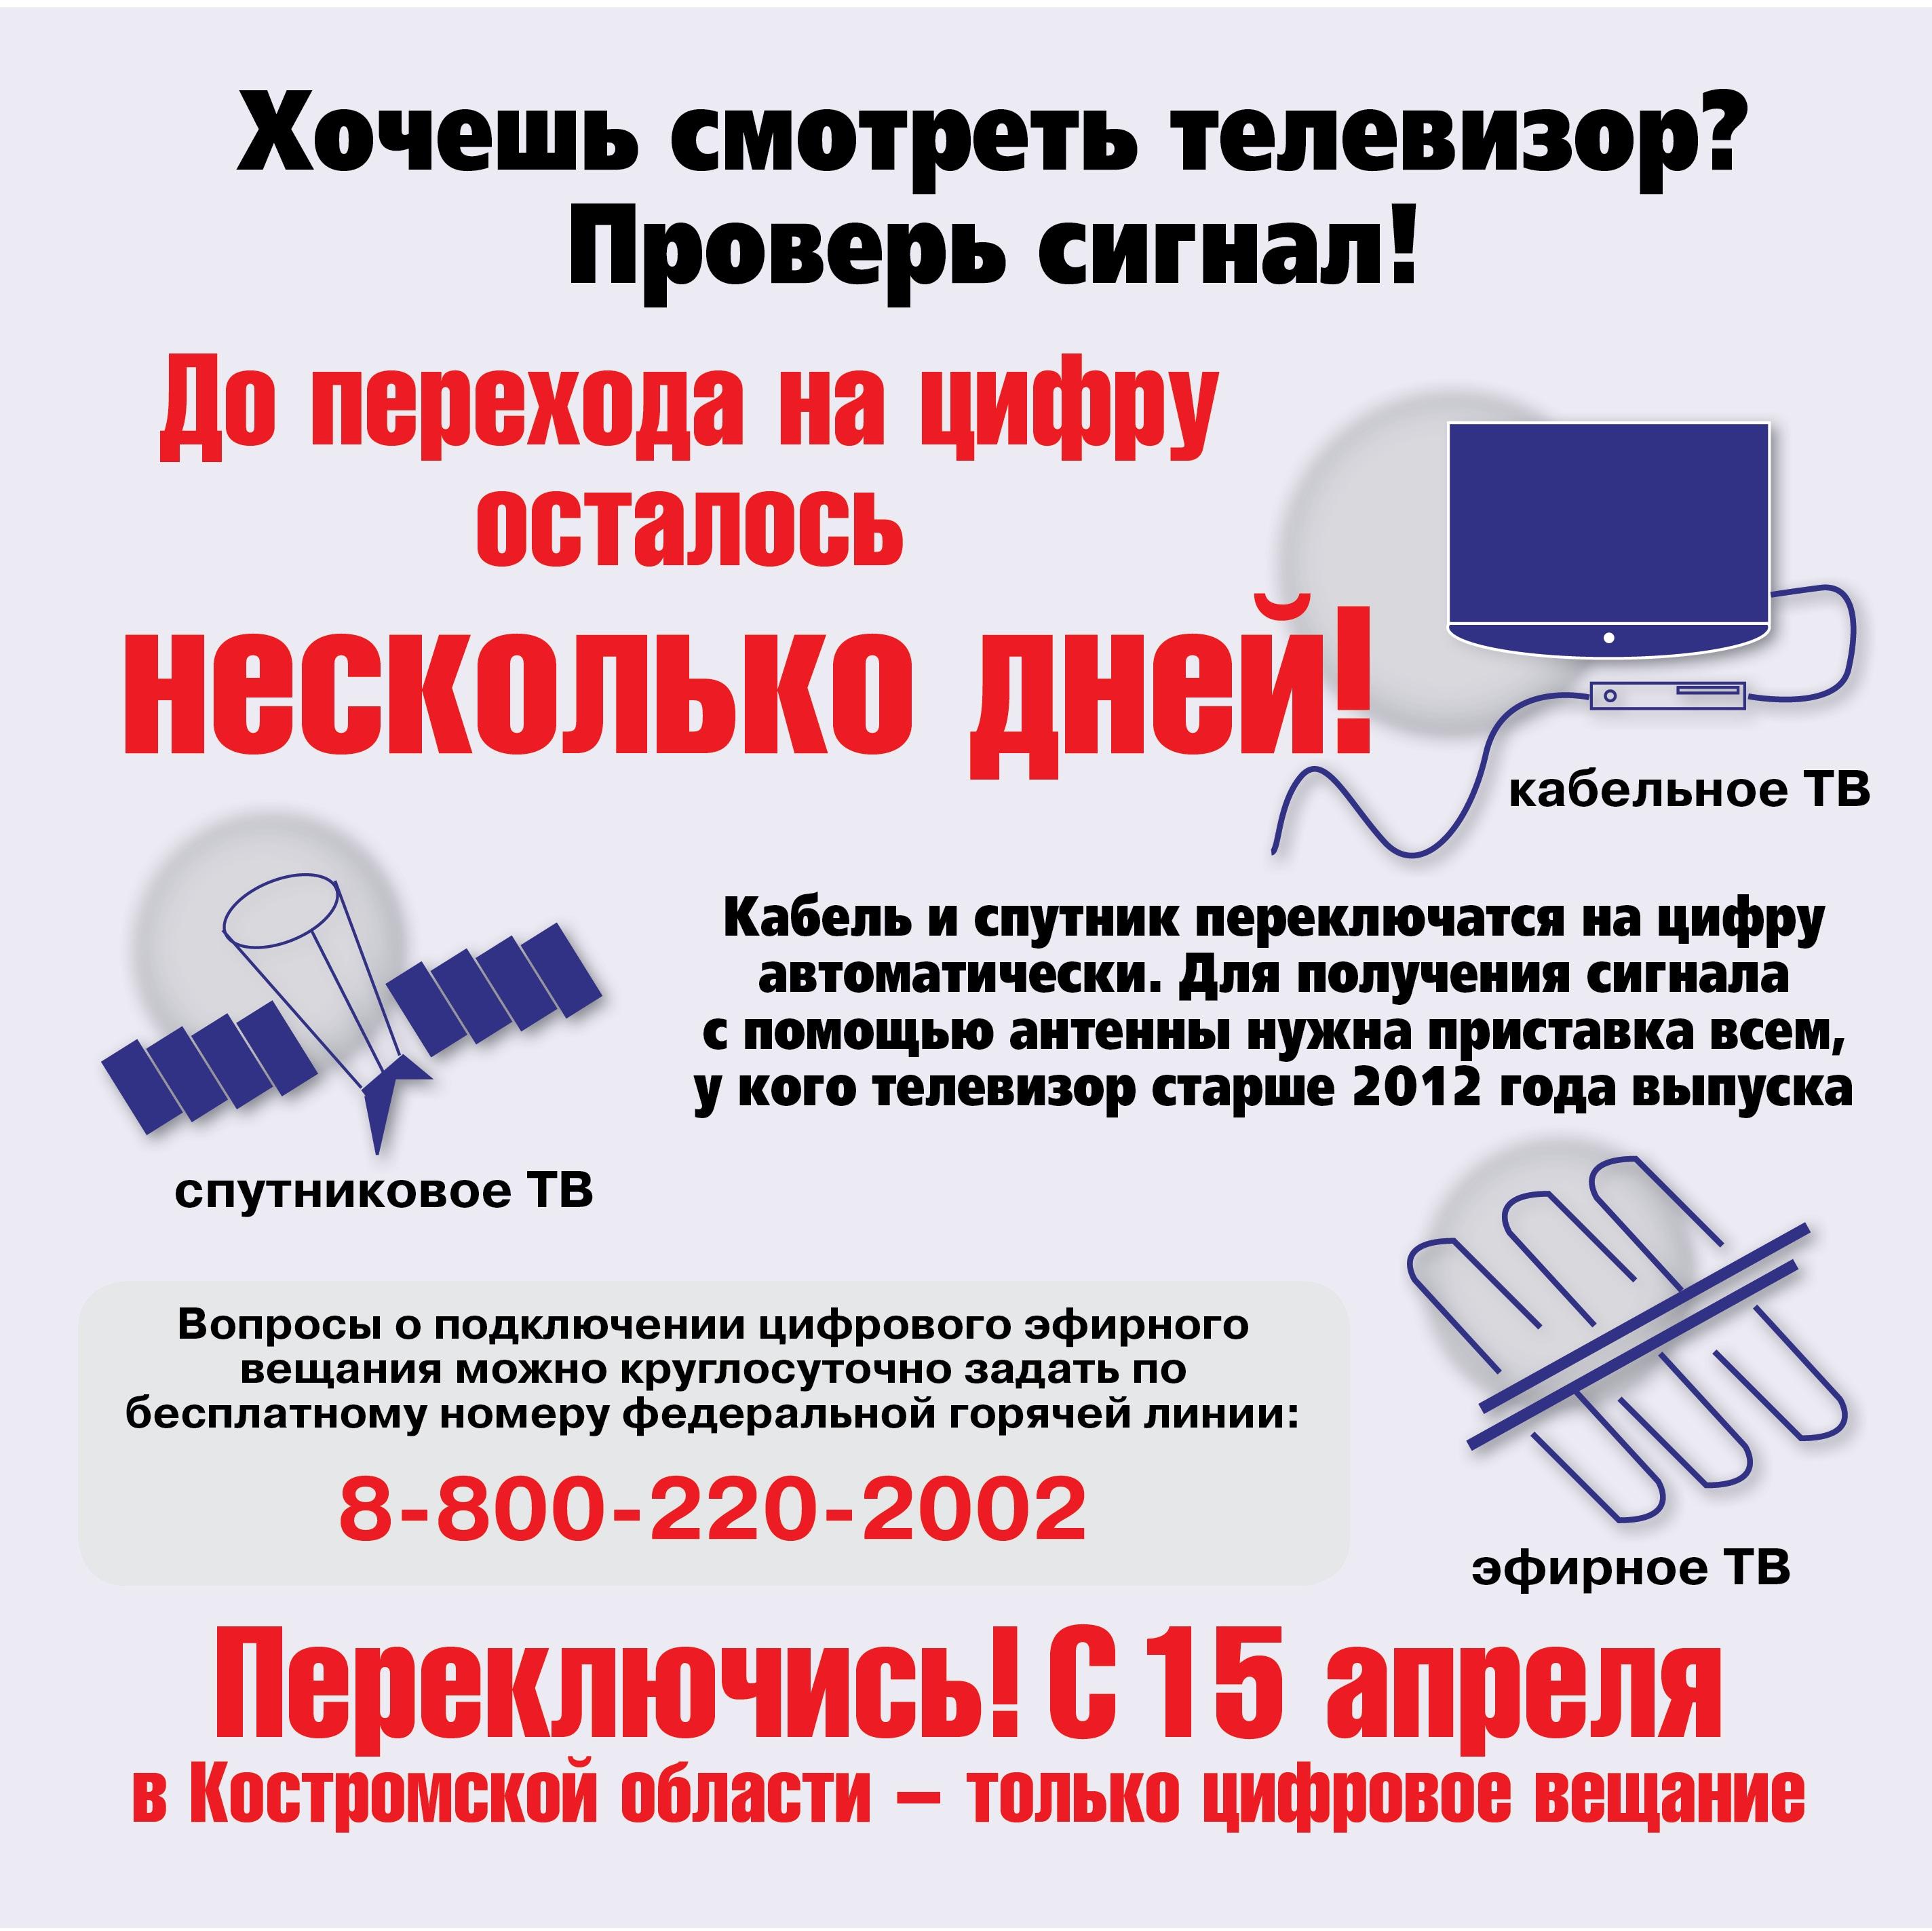 С 15 апреля Костромская область переходит на цифровое телевизионное вещание.